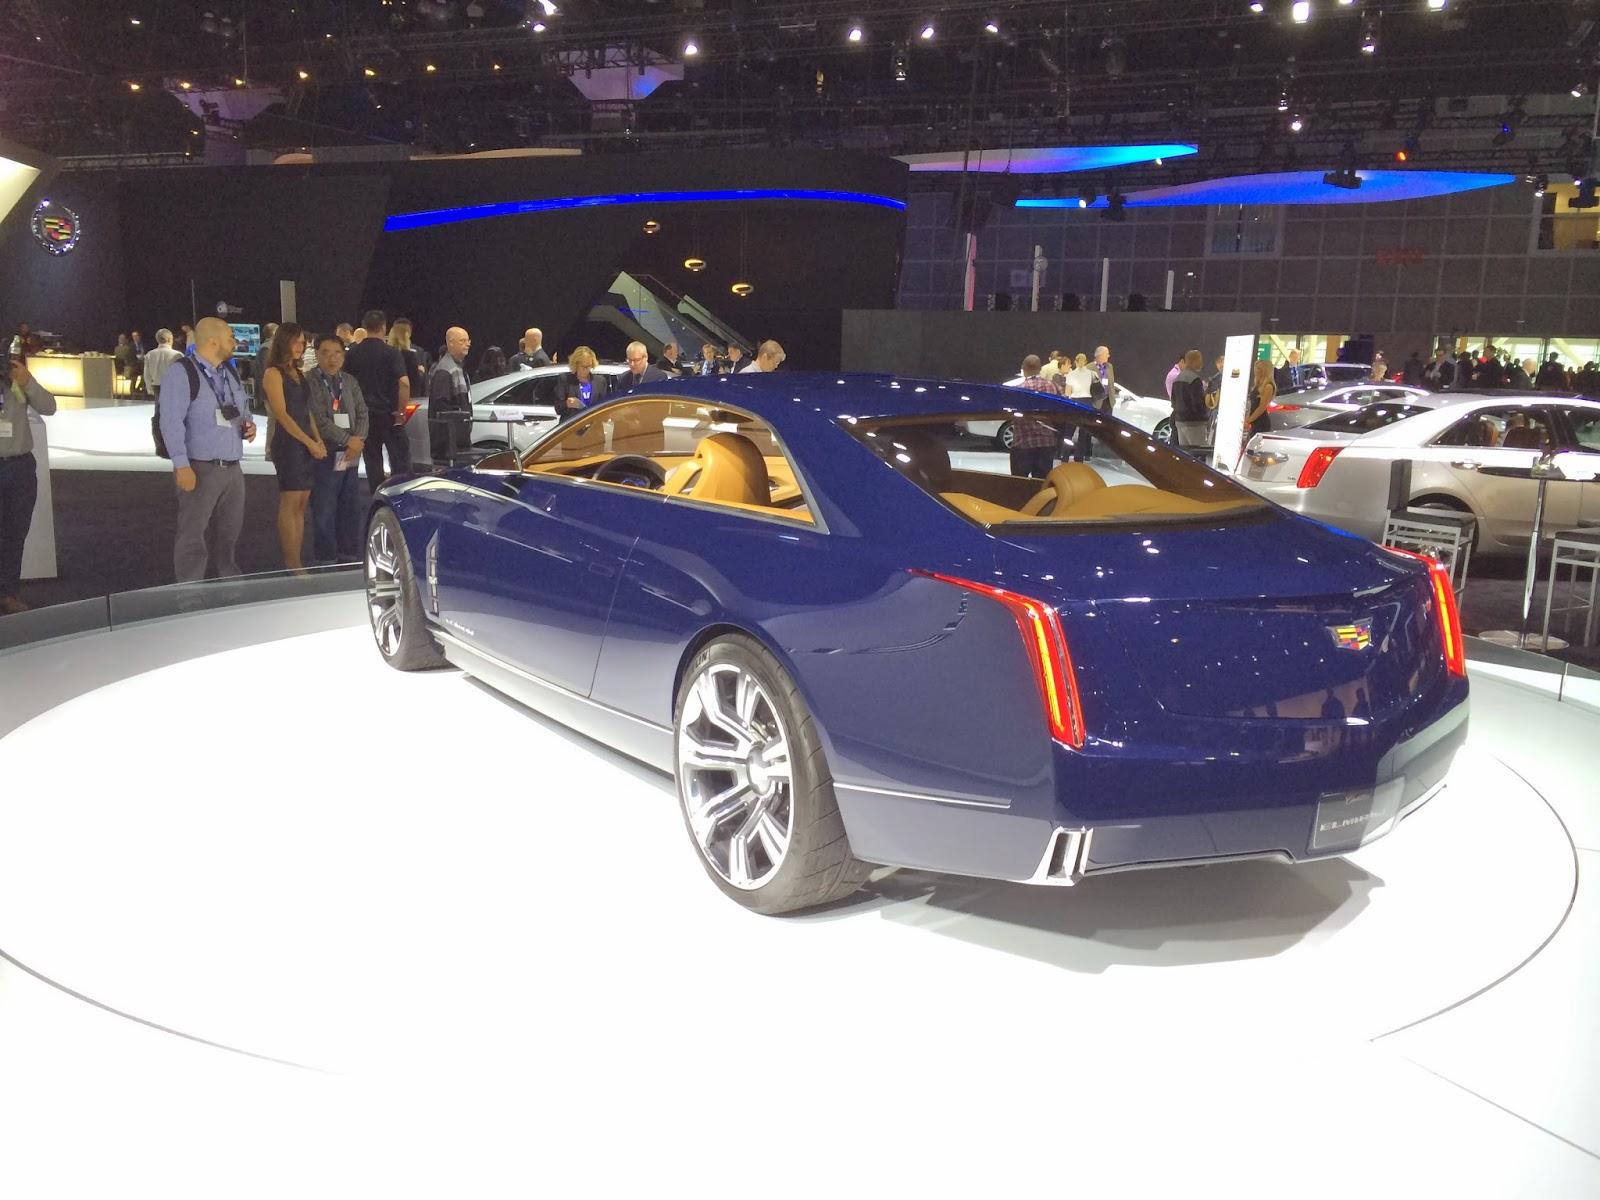 Search Results 2015 Cadillac Ciel.html - Autos Weblog